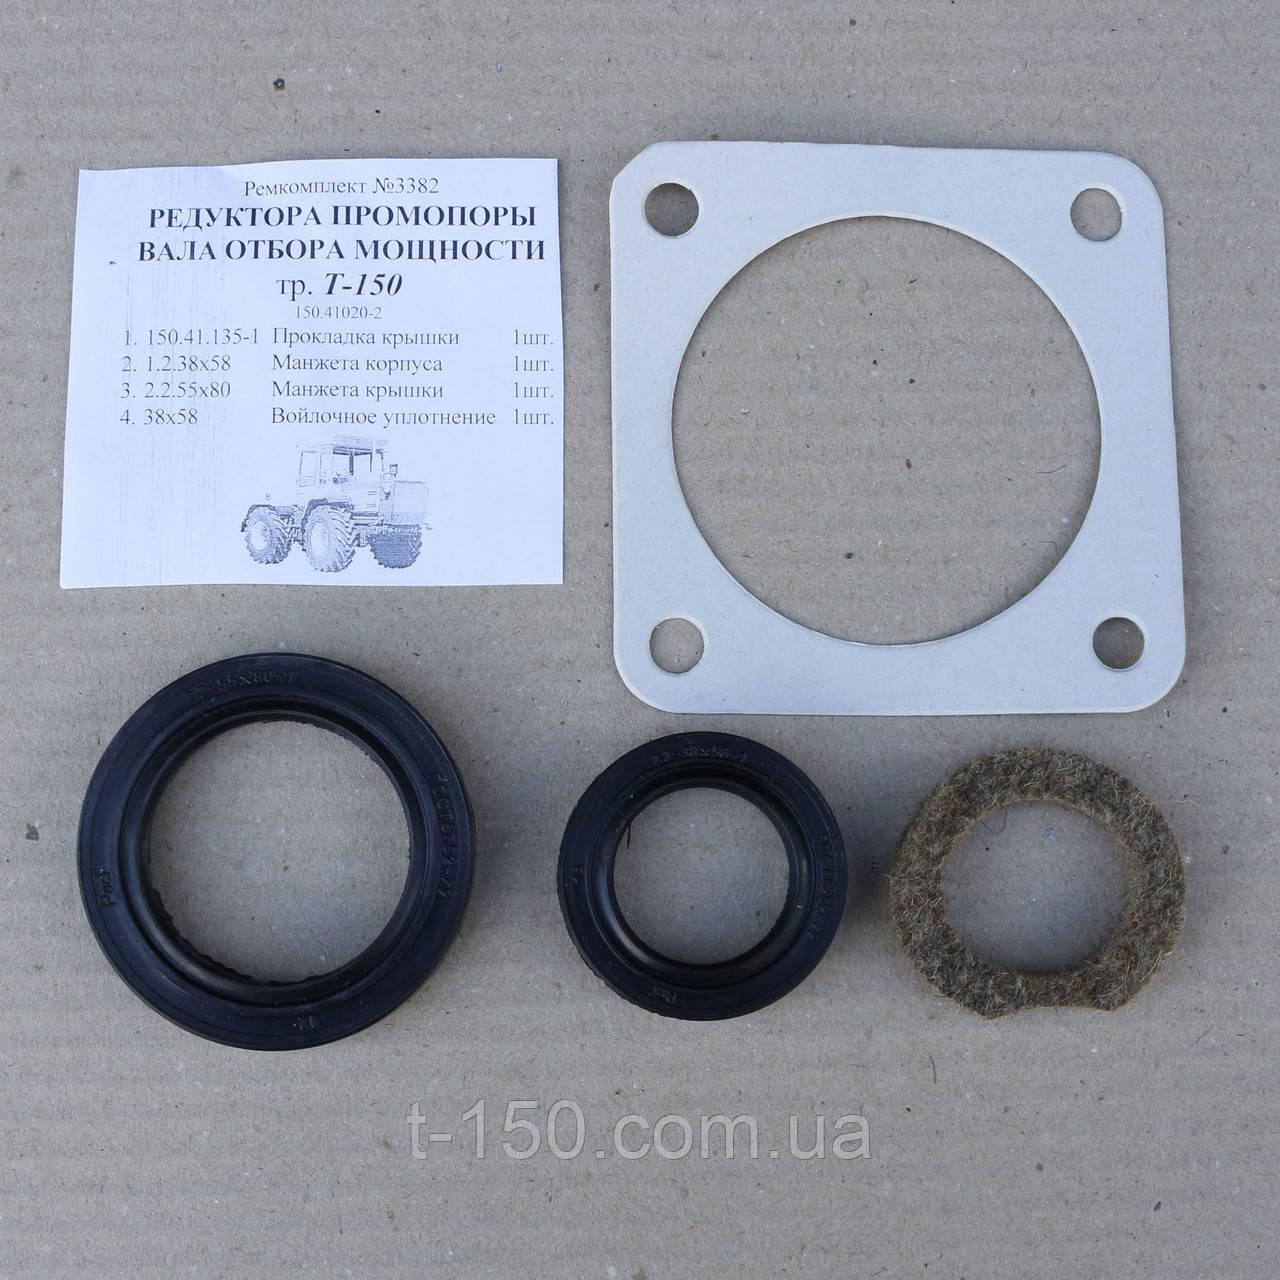 Ремкомплект редуктора промопоры ВОМ Т-150 (151.41.020-2)